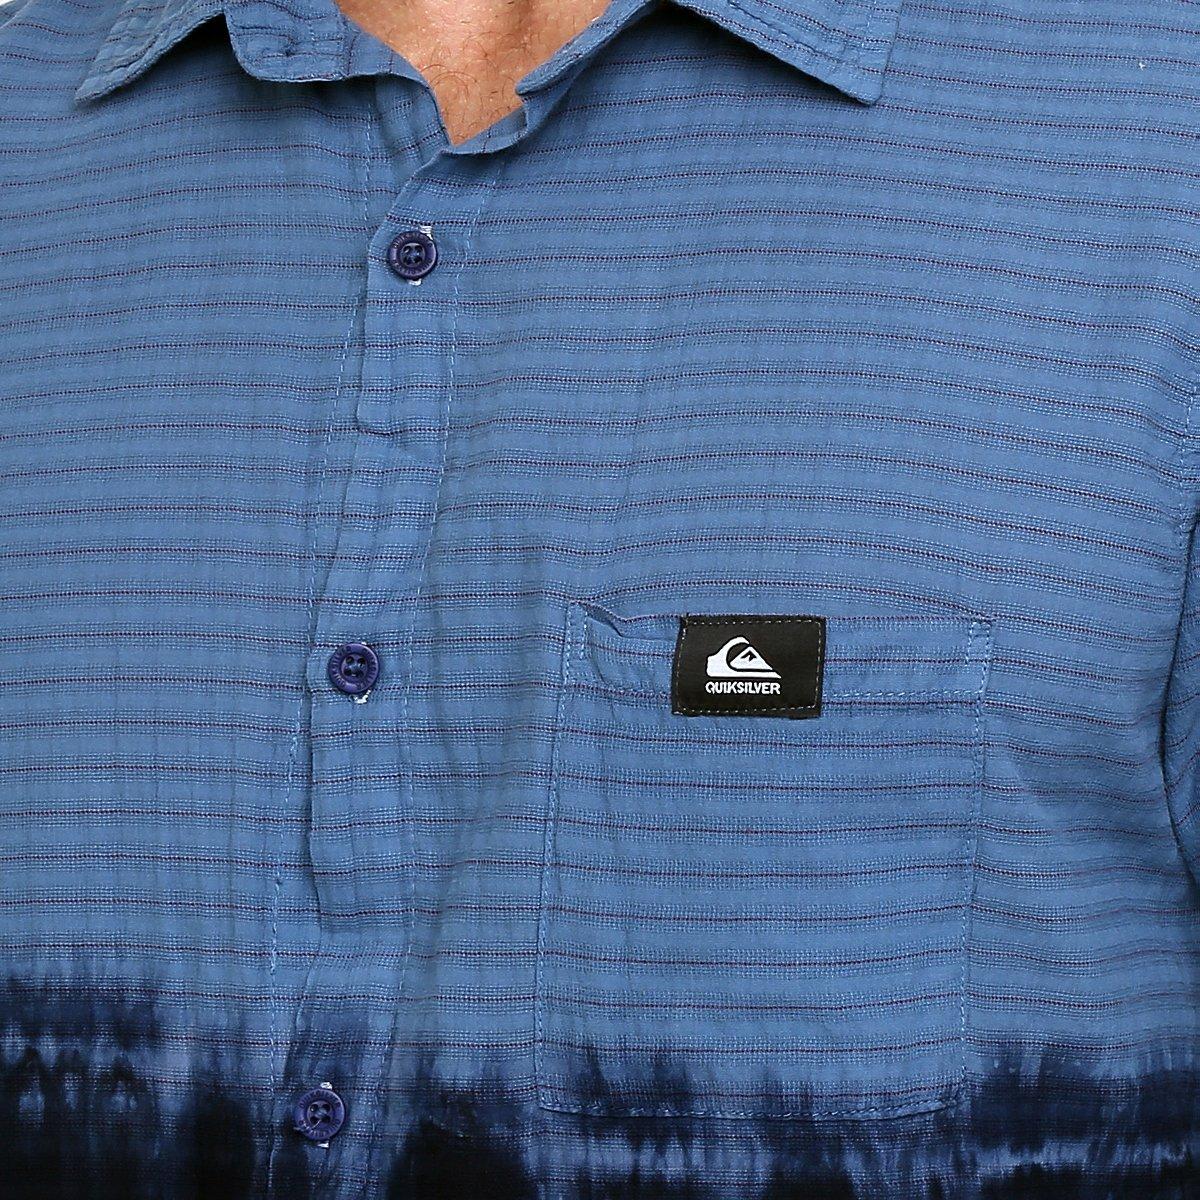 a02dfc7b68d8c Camisa Quiksilver Malibu Camisa Quiksilver Malibu a7555101987f8 ...